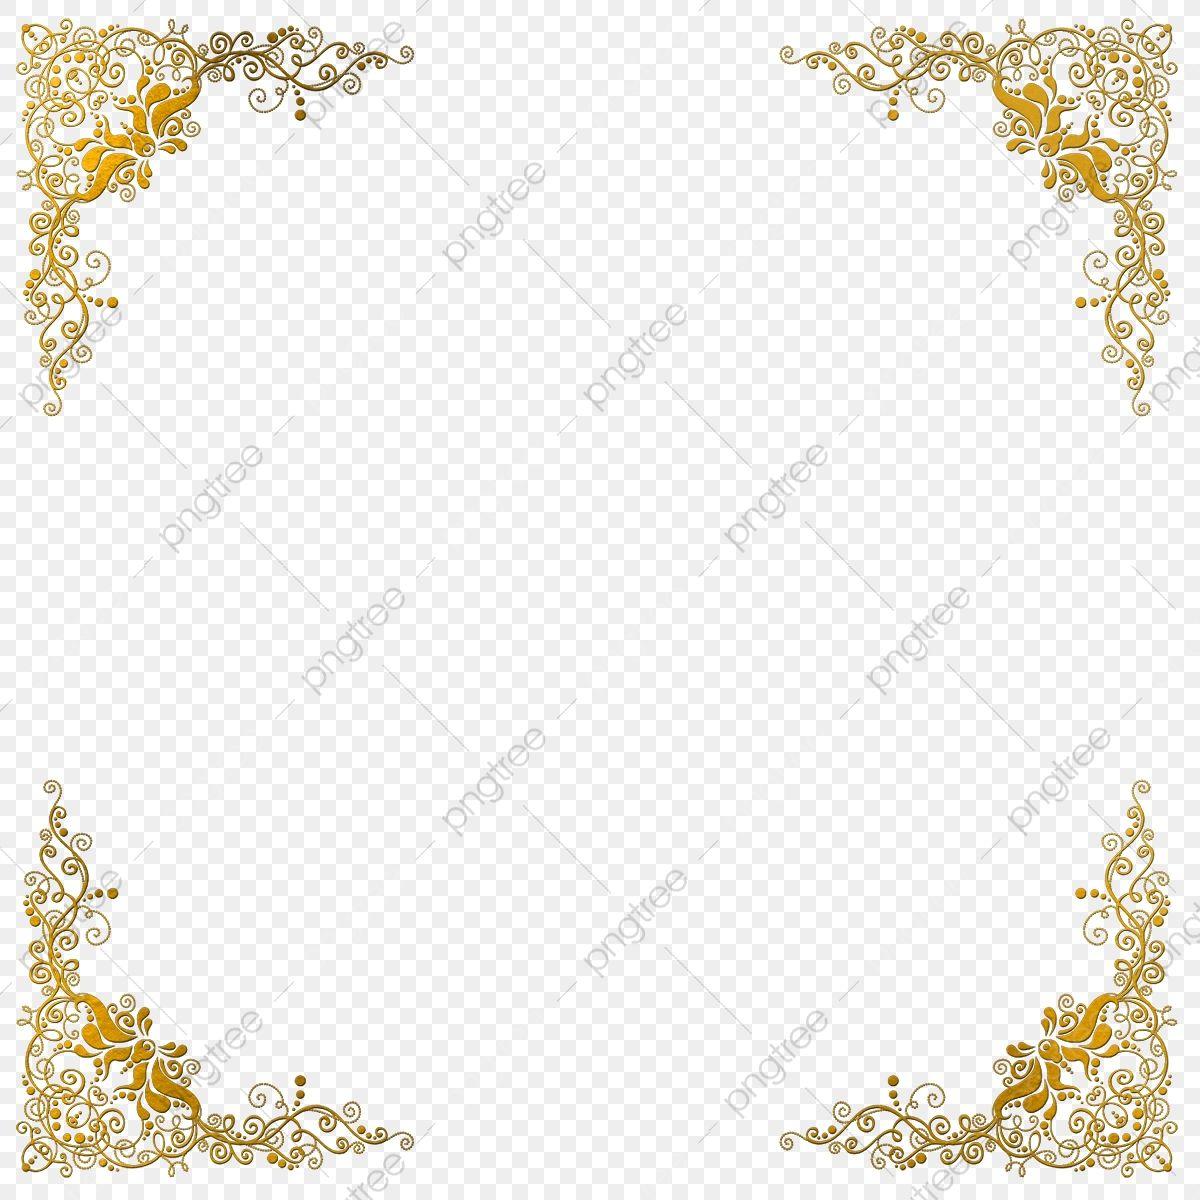 Elegant Golden Frame Design Elegant Golden Png Transparent Clipart Image And Psd File For Free Download In 2021 Frame Clipart Clip Art White Square Frame